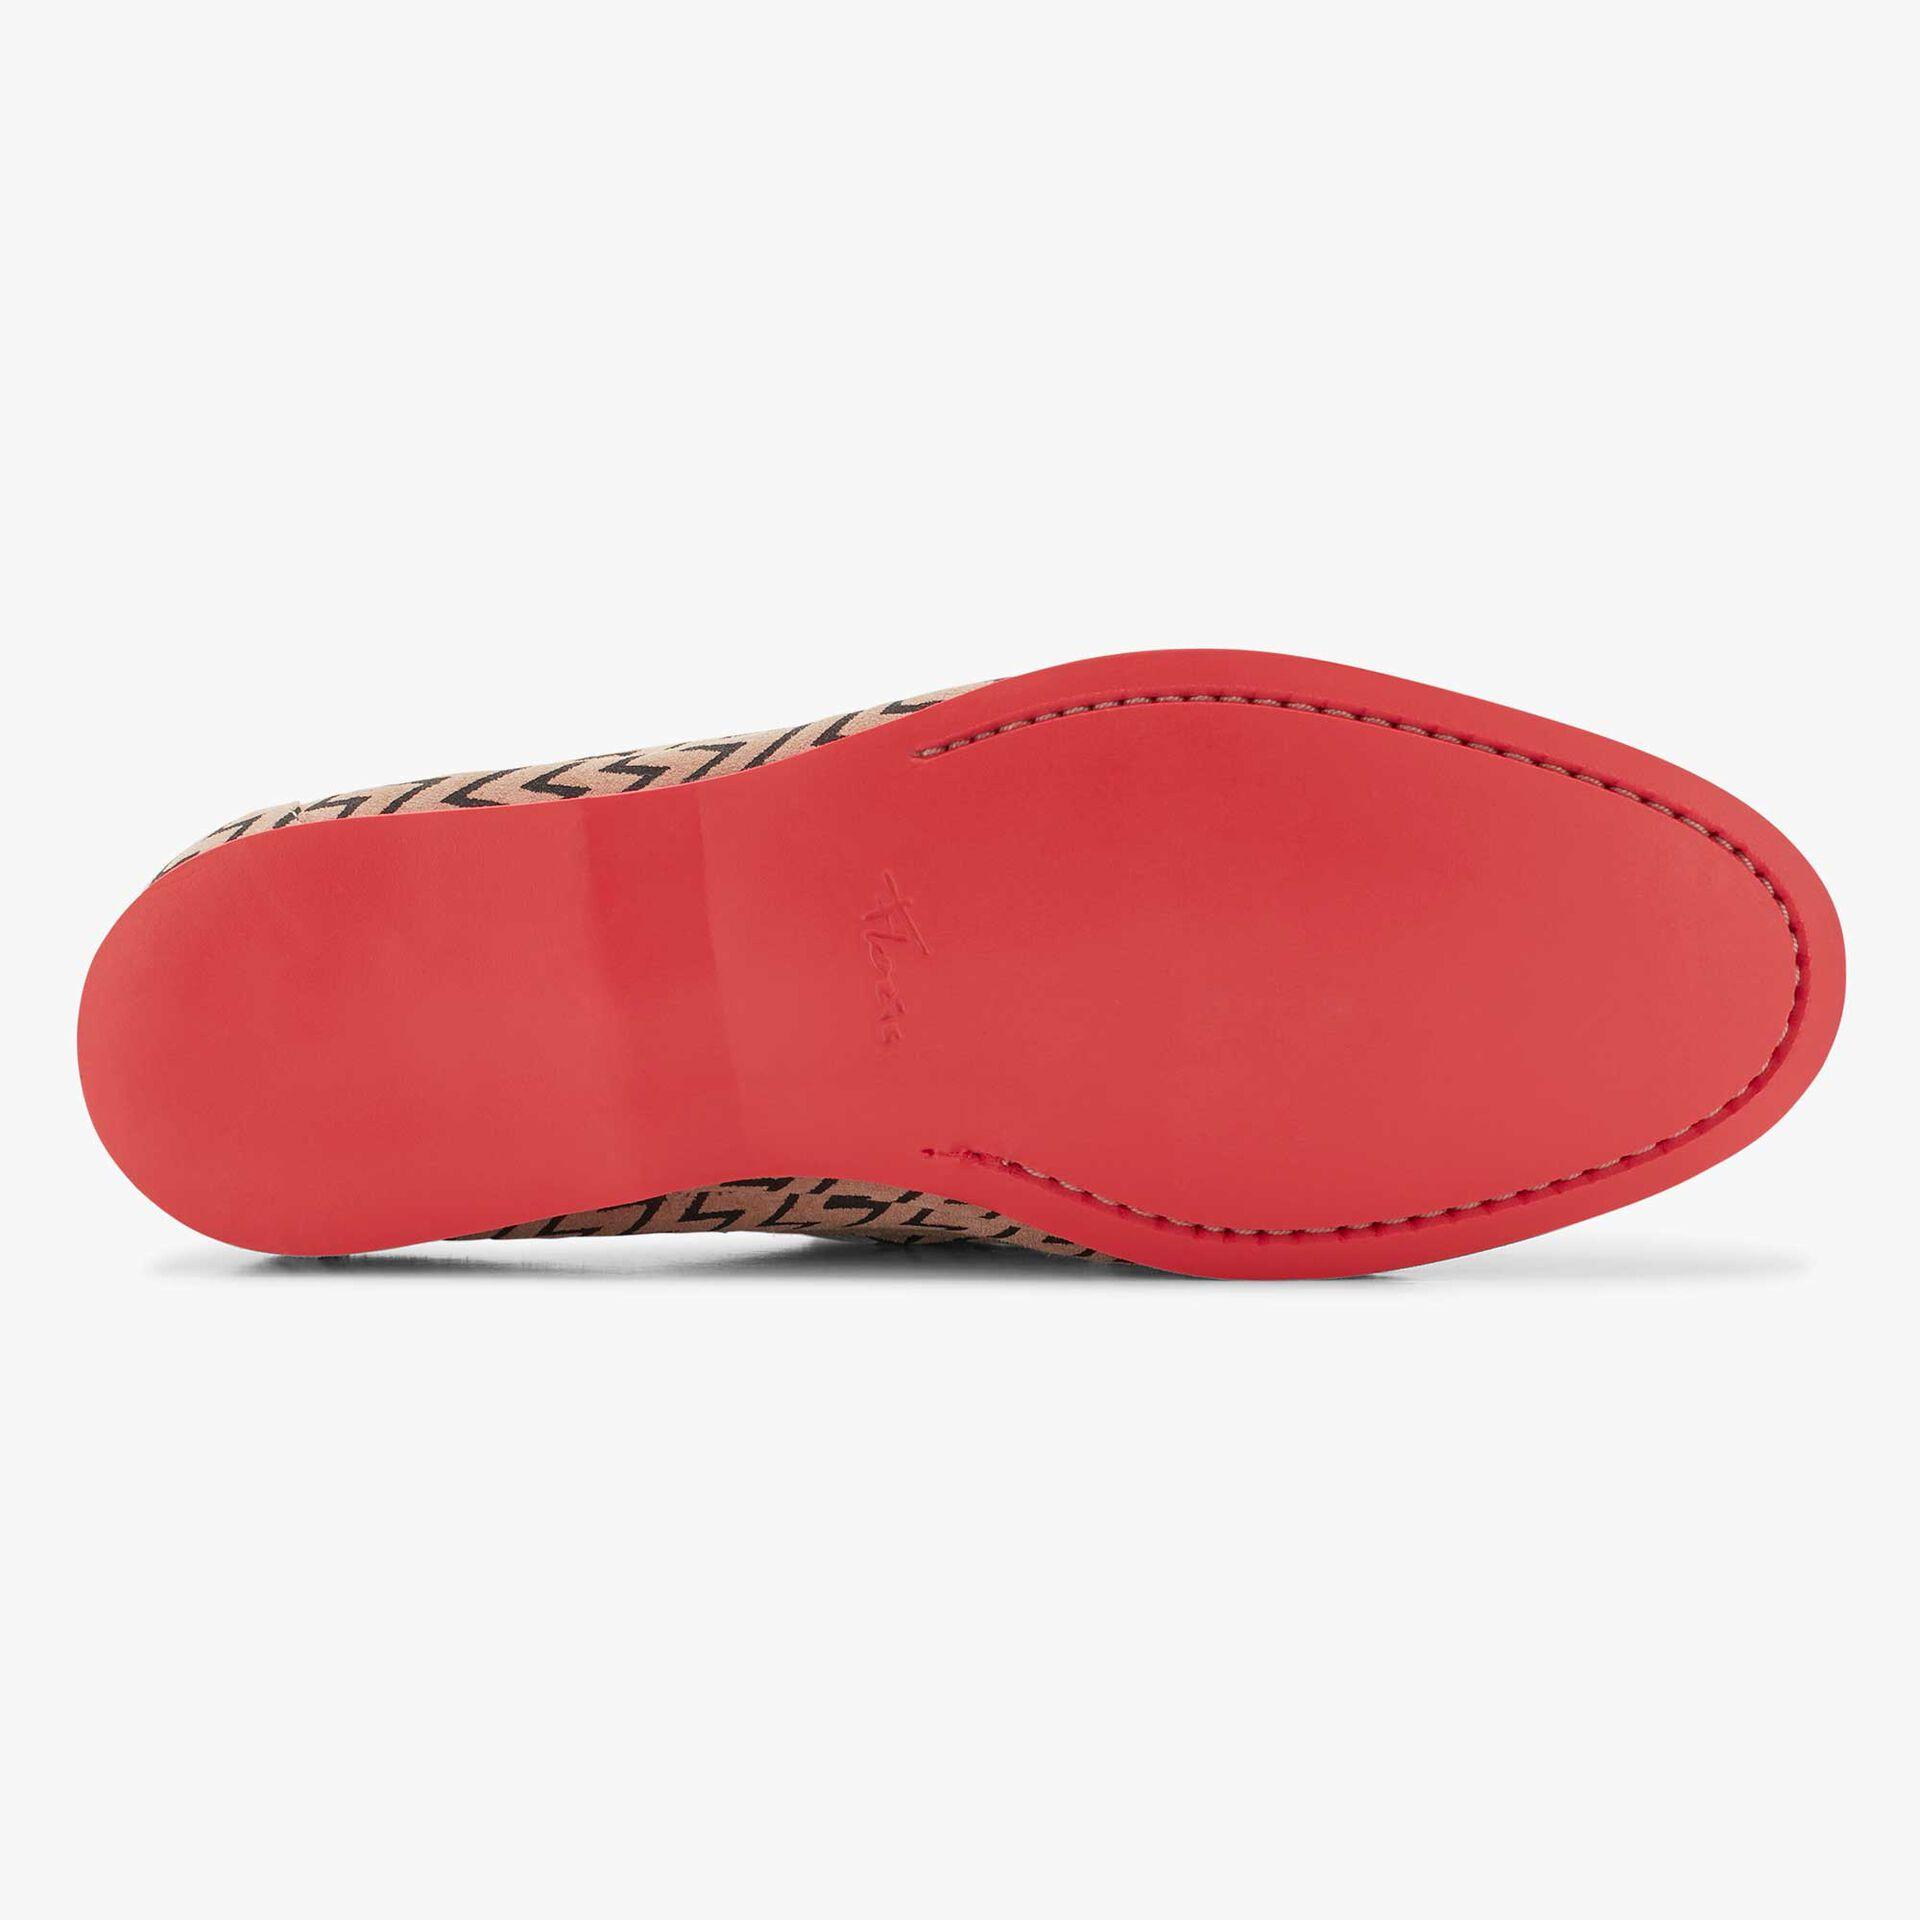 Sandfarbener Bootsschuh Mit schwarzem Zick-Zack-Muster